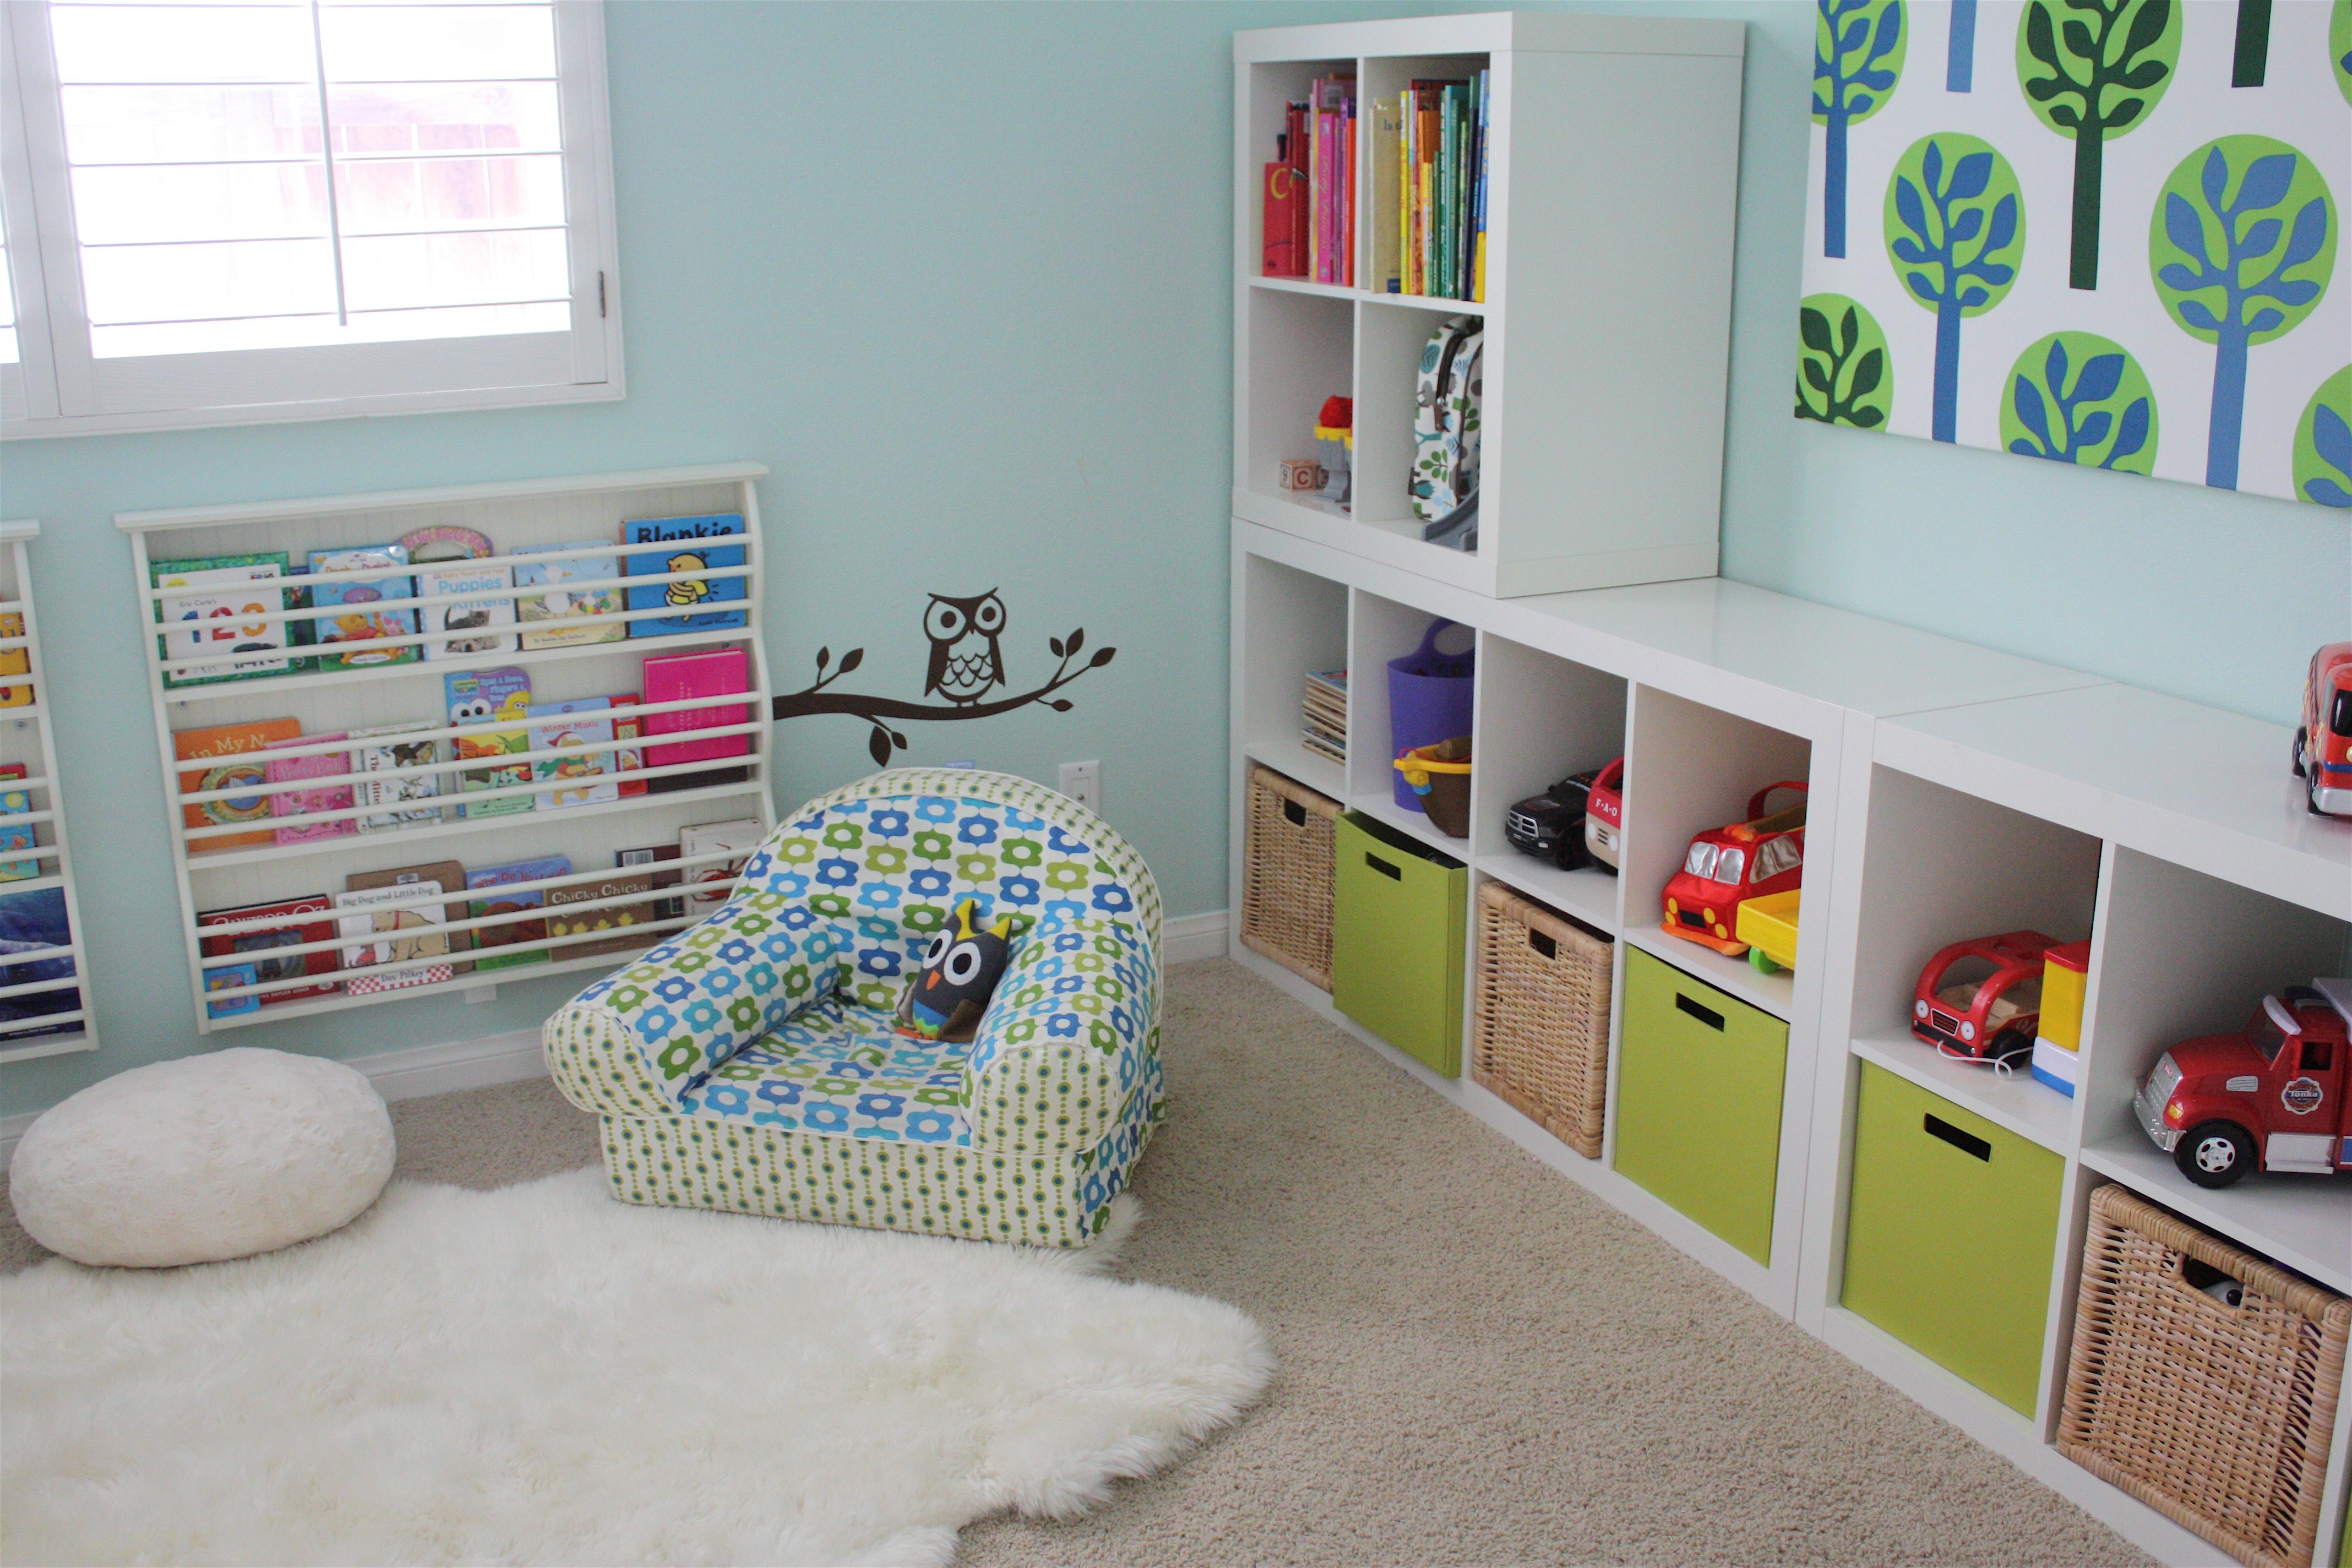 salles de jeux enfant 10 id es d co originales i club mamans. Black Bedroom Furniture Sets. Home Design Ideas